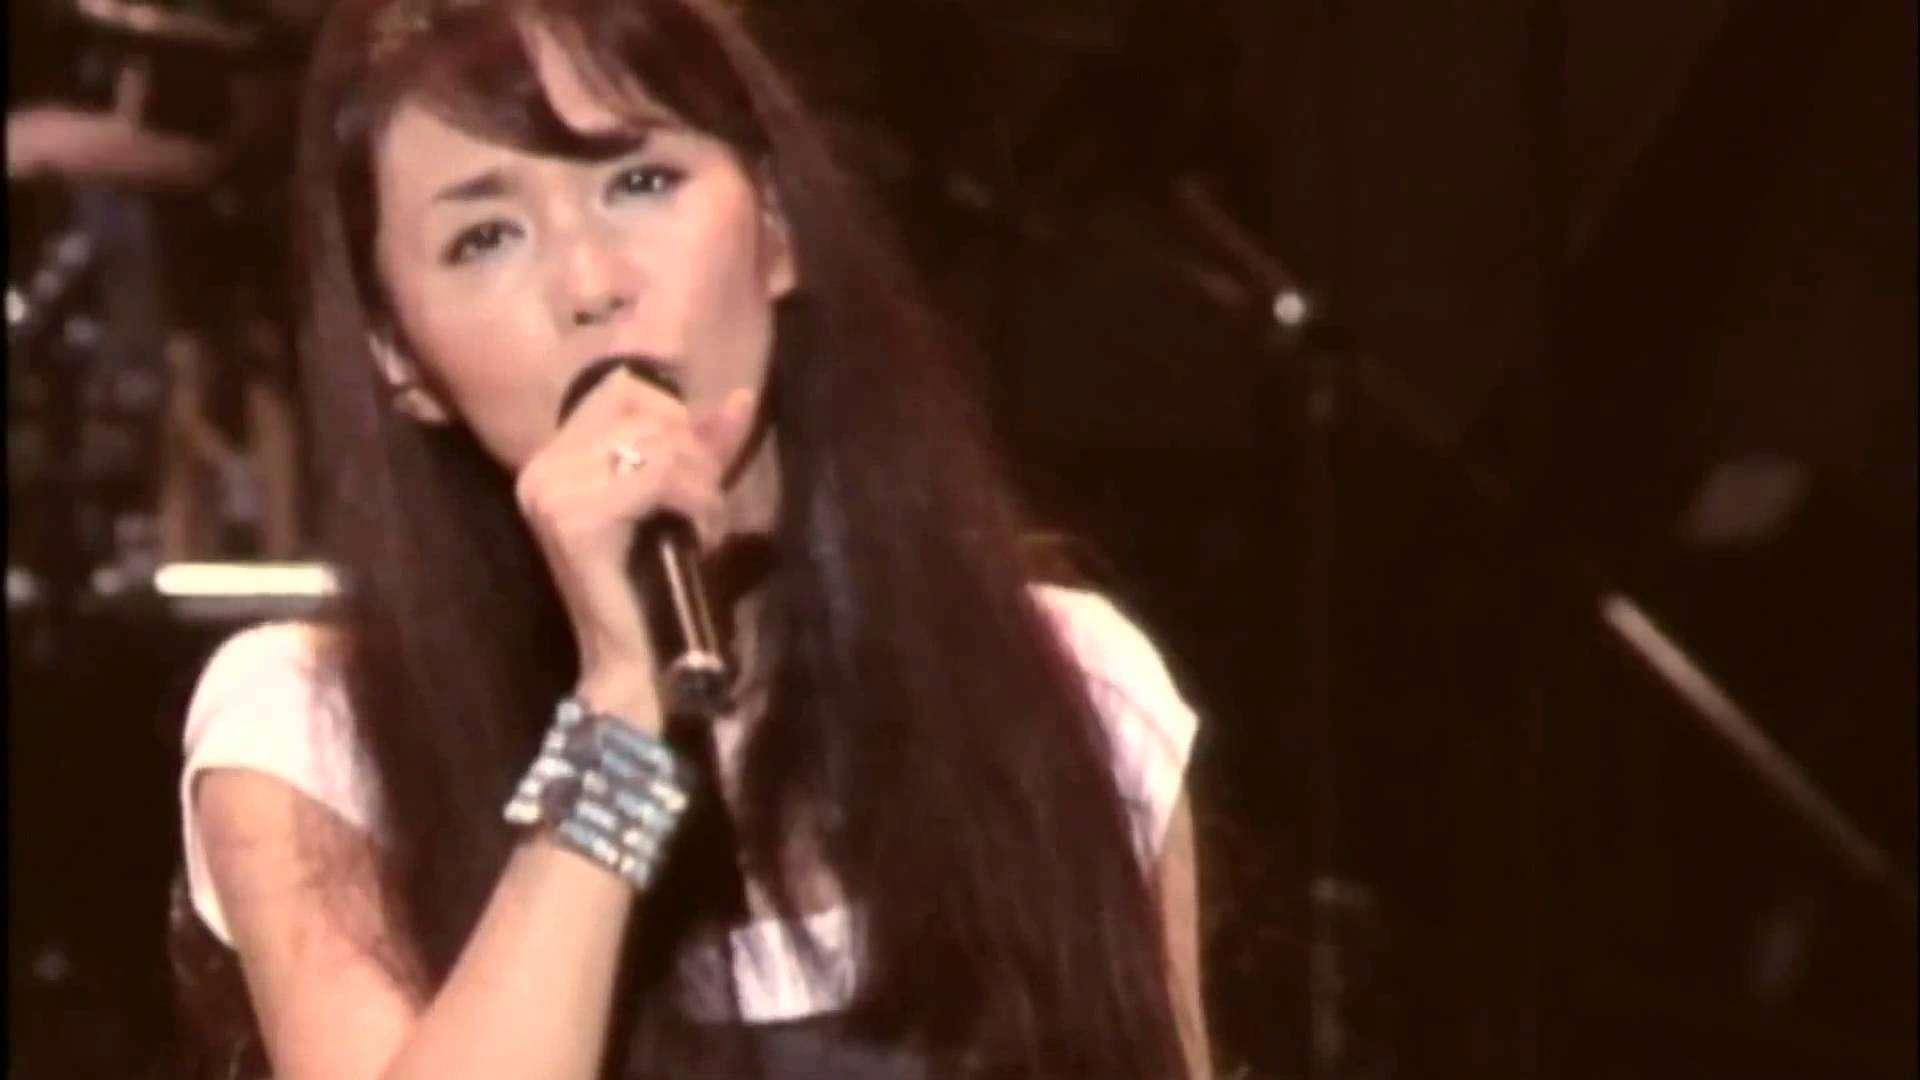 駅 Eki (Live) - Mariya Takeuchi 竹内まりや - YouTube